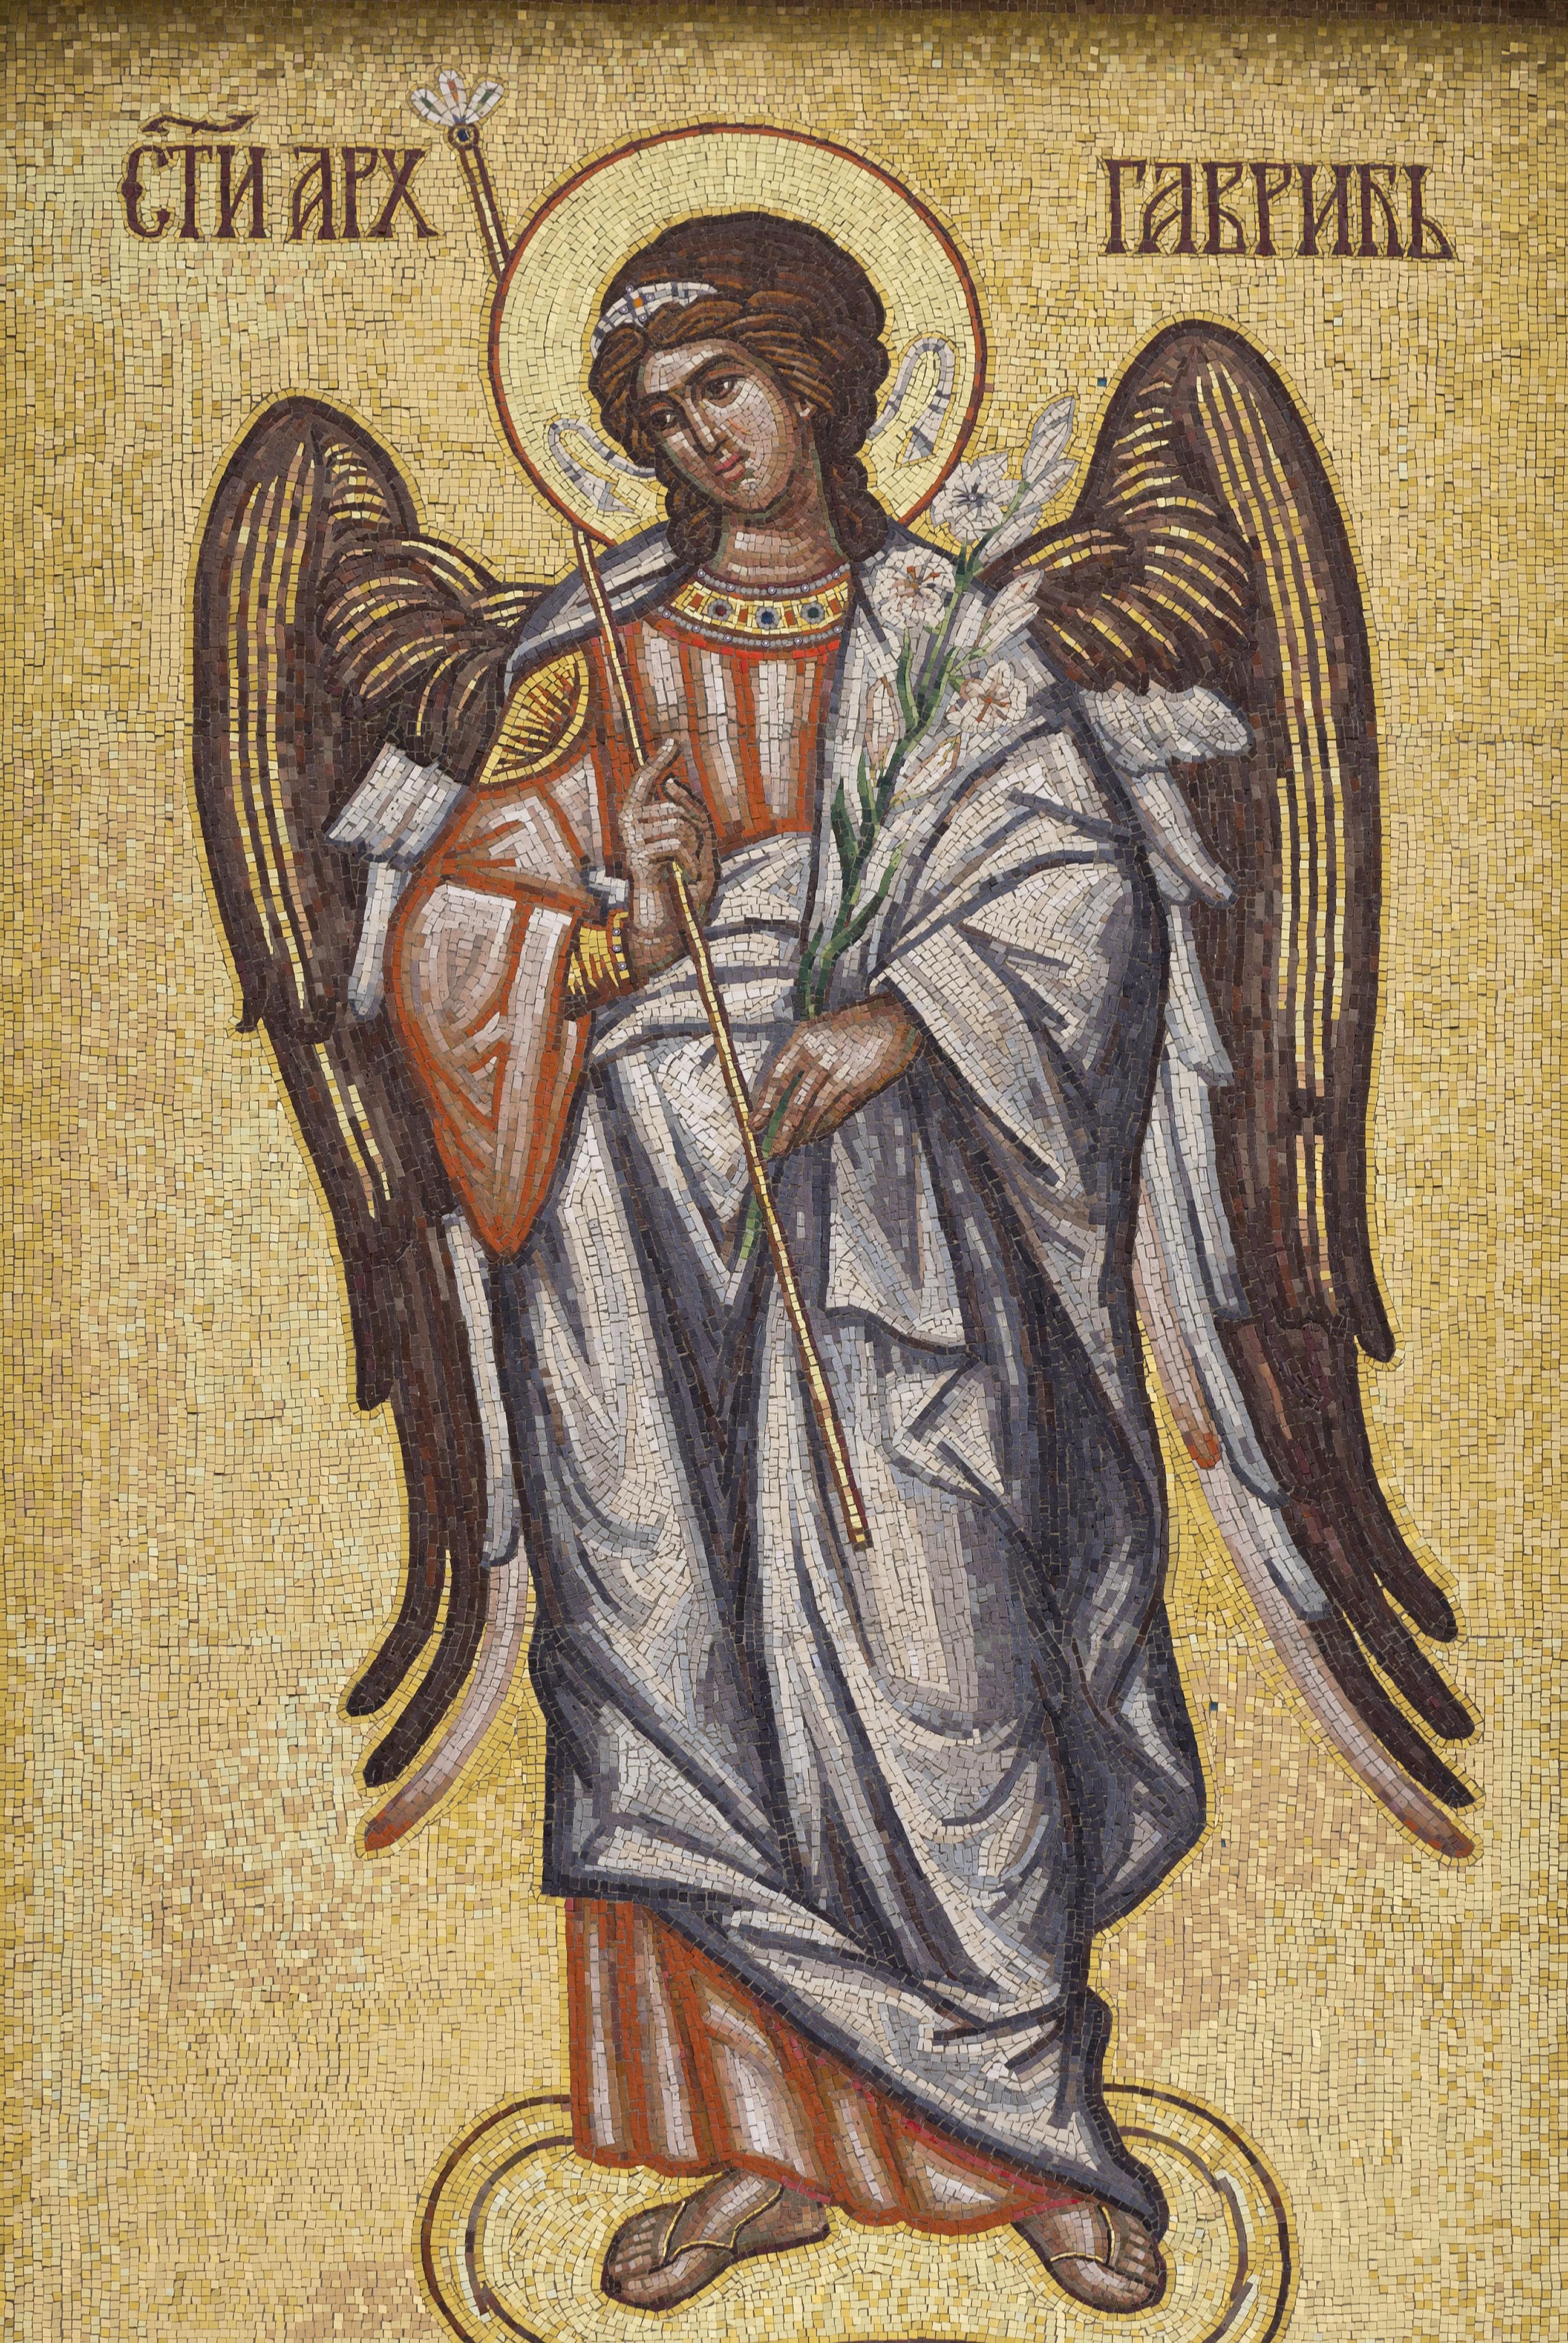 <p>На 26 март православната църква чества Събор на Св. Архангел Гавриил - Св. Арахангел Гавриил е един от четирите архангели, които според Стария Завет заедно с Михаил, Рафаил и Уриил.</p>